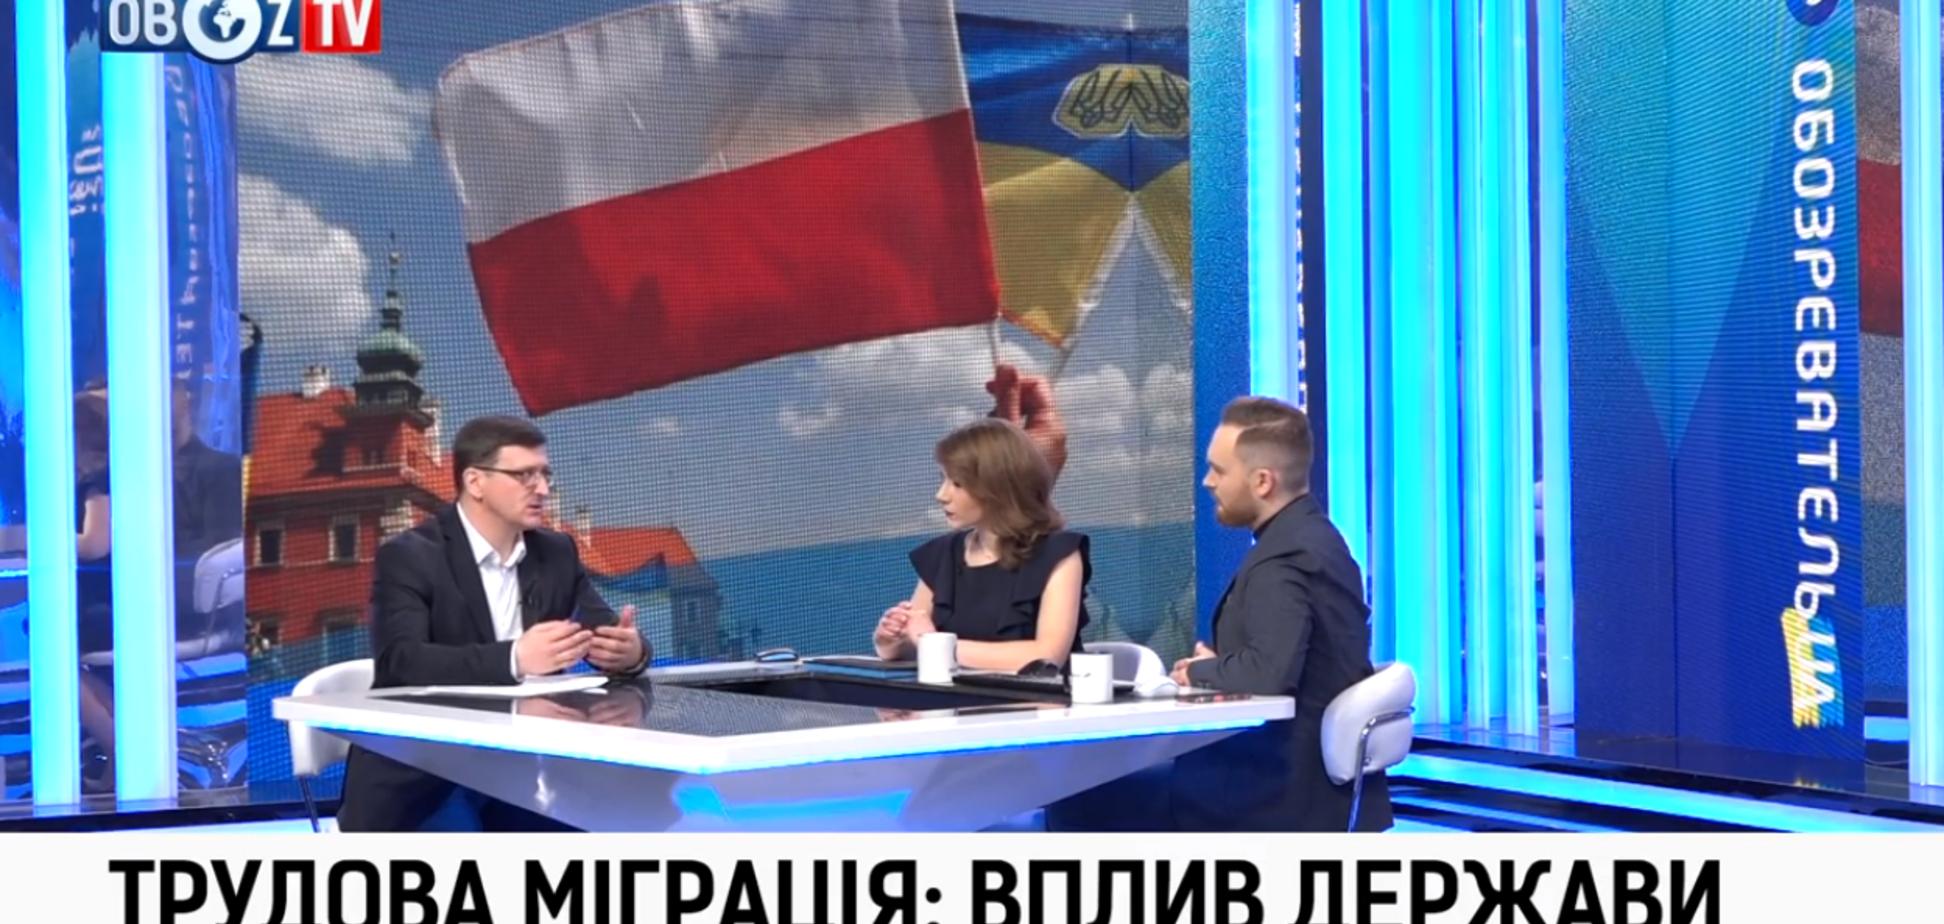 Работа за рубежом: названа причина, почему заробитчане возвращаются в Украину